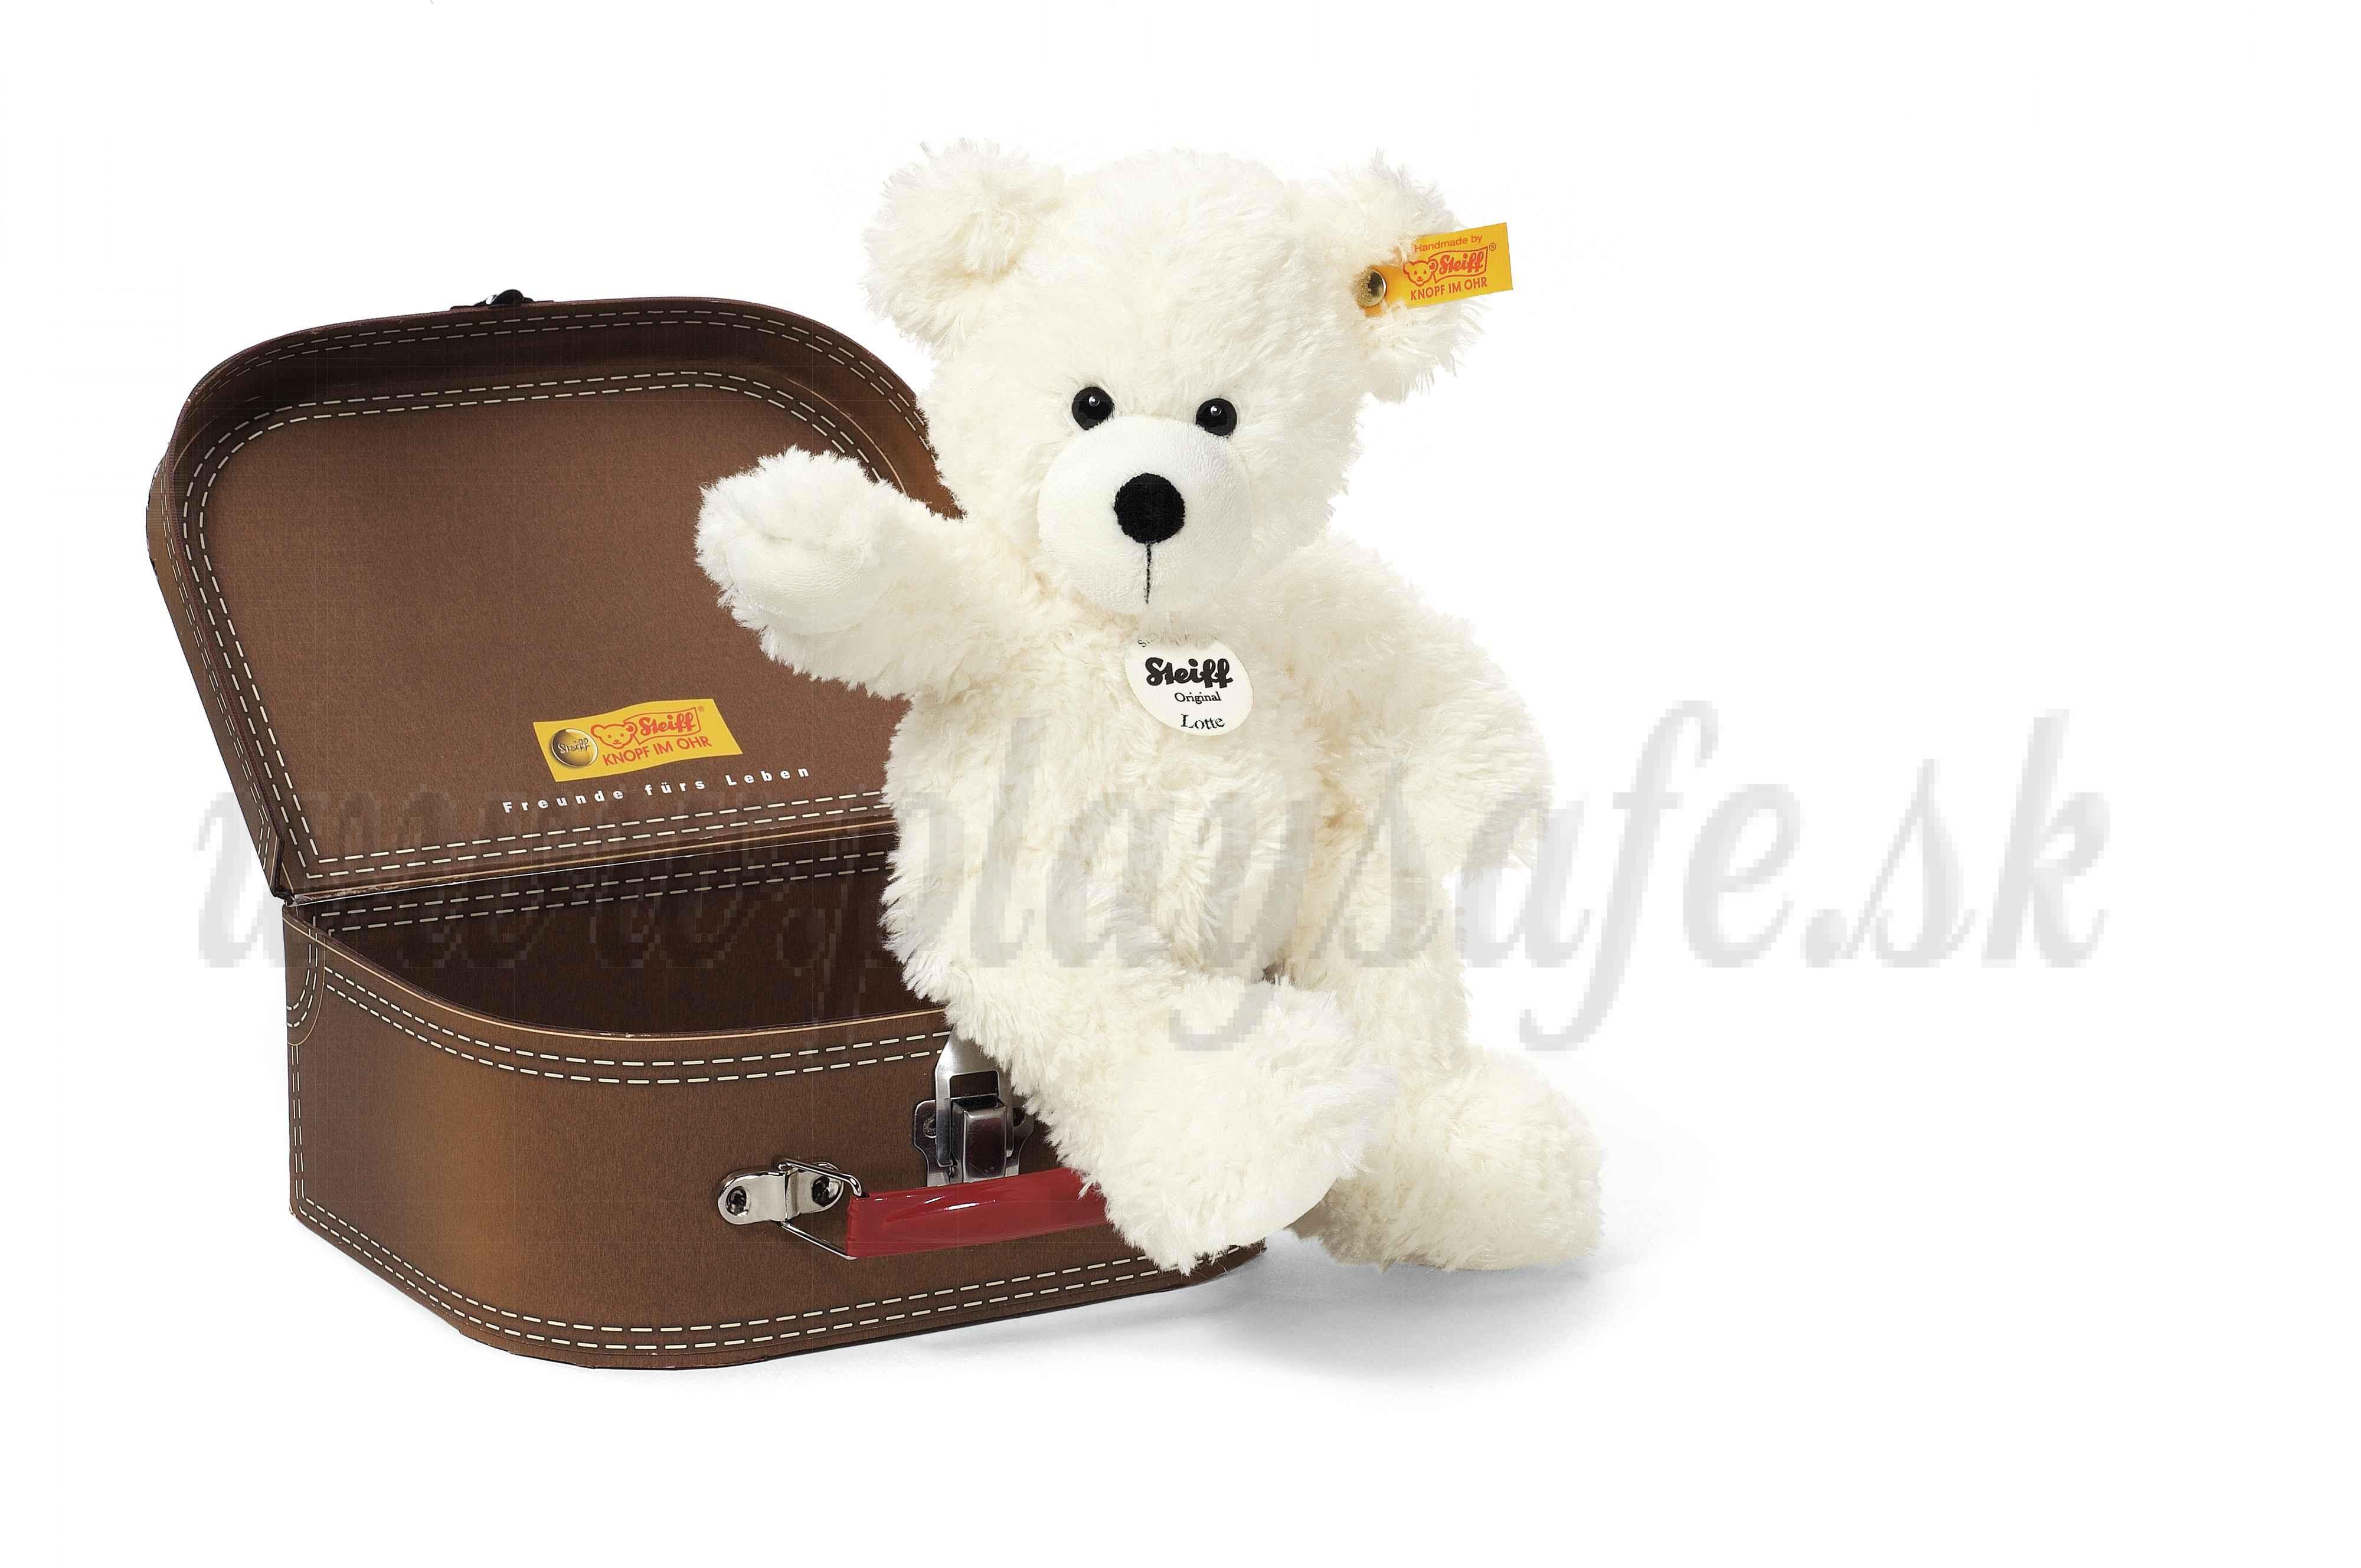 Steiff Teddy Bear Lotte in suitcase, 28cm